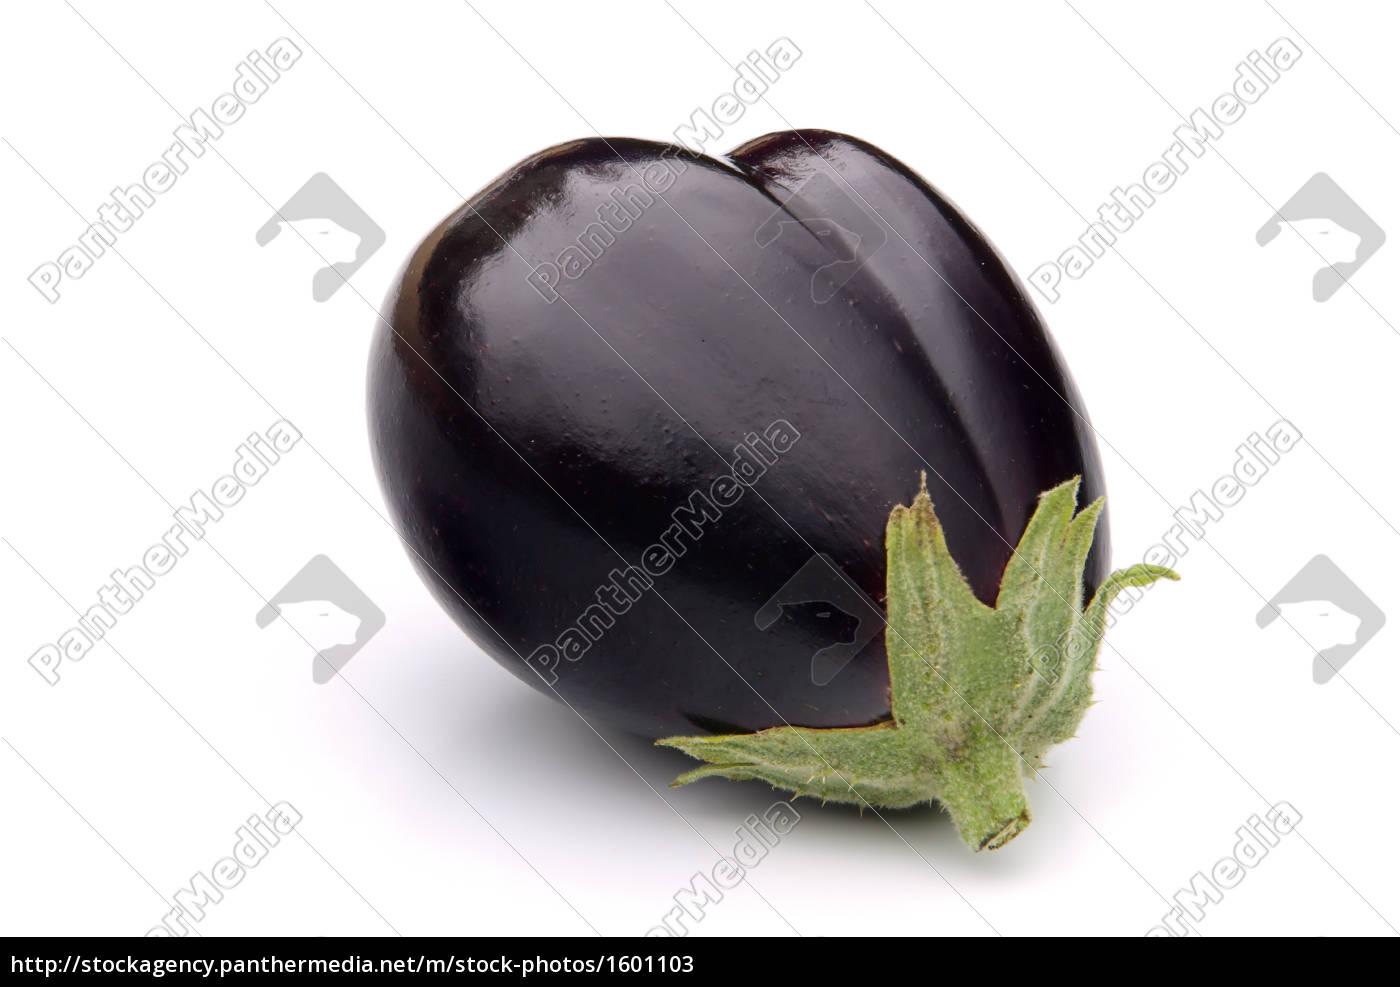 eggplant, 15 - 1601103